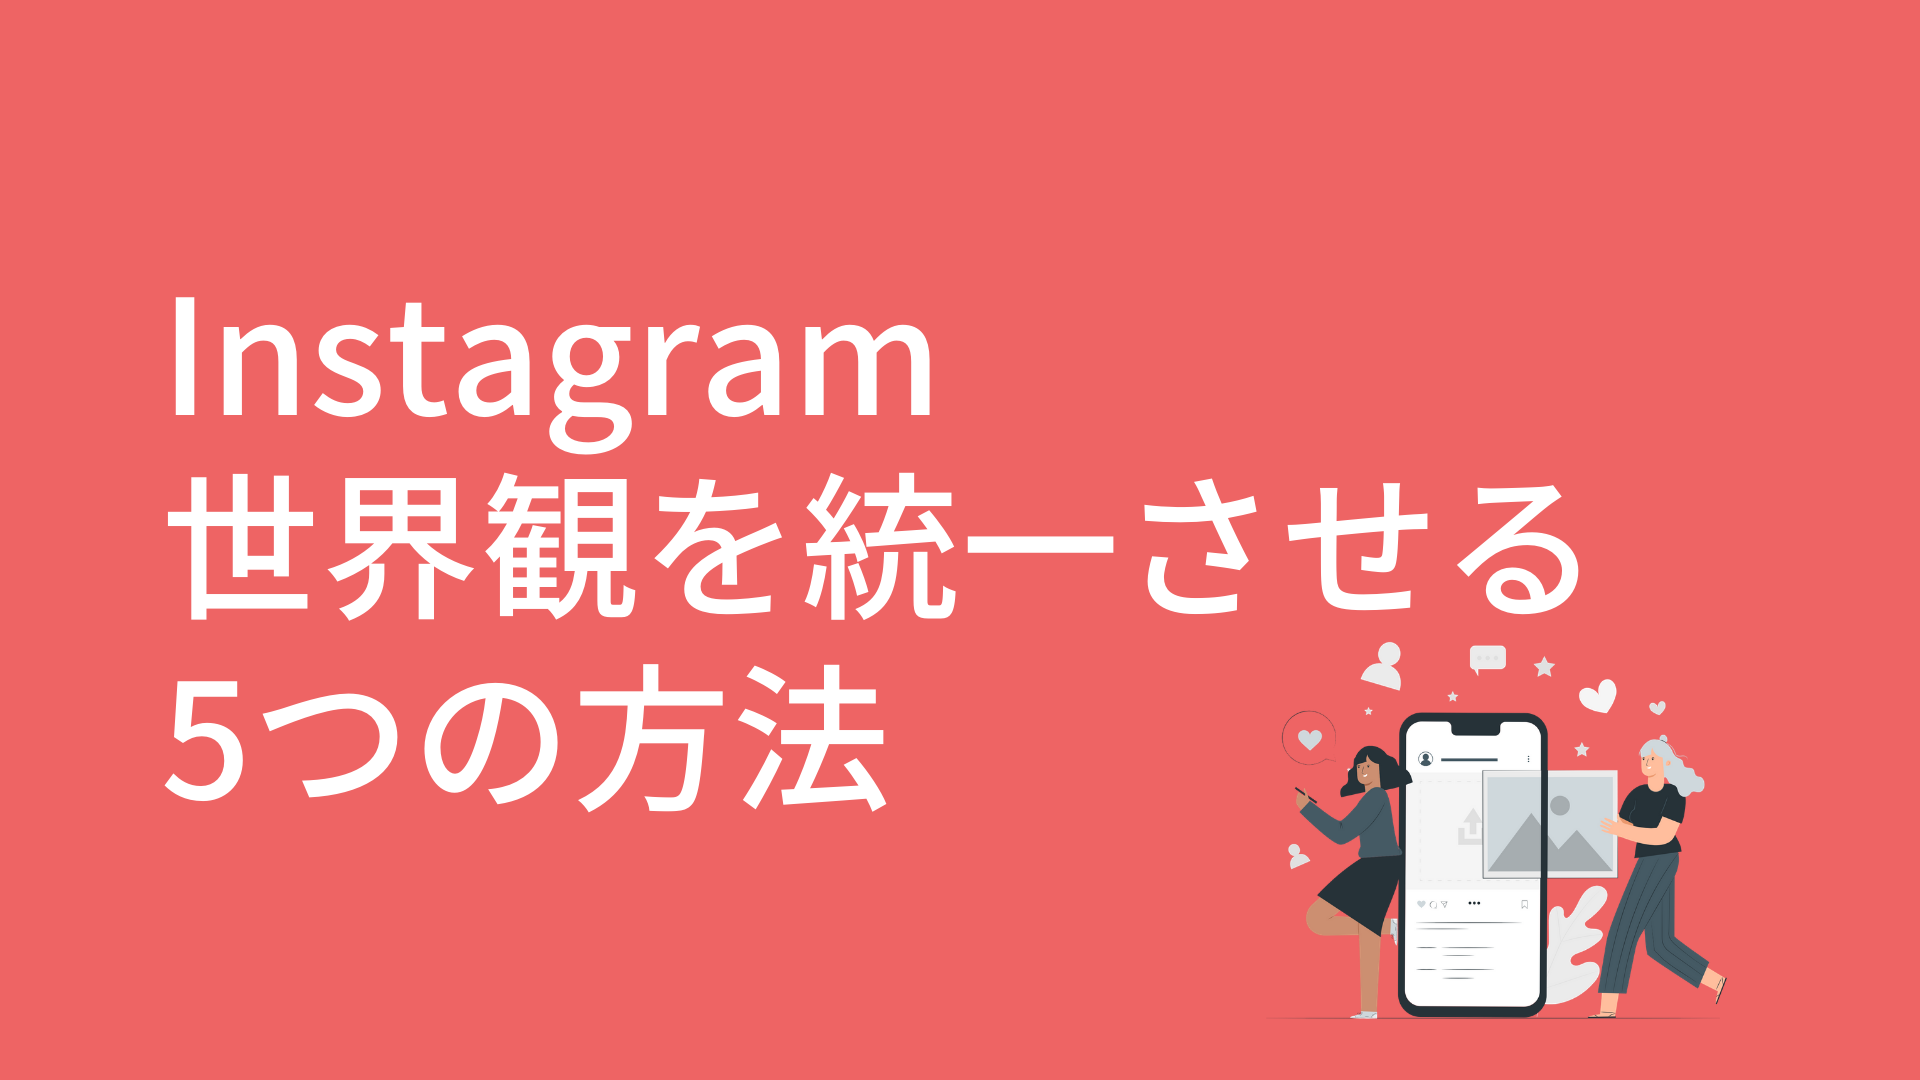 フォロー率アップ!Instagramの世界観を統一させる5つの方法